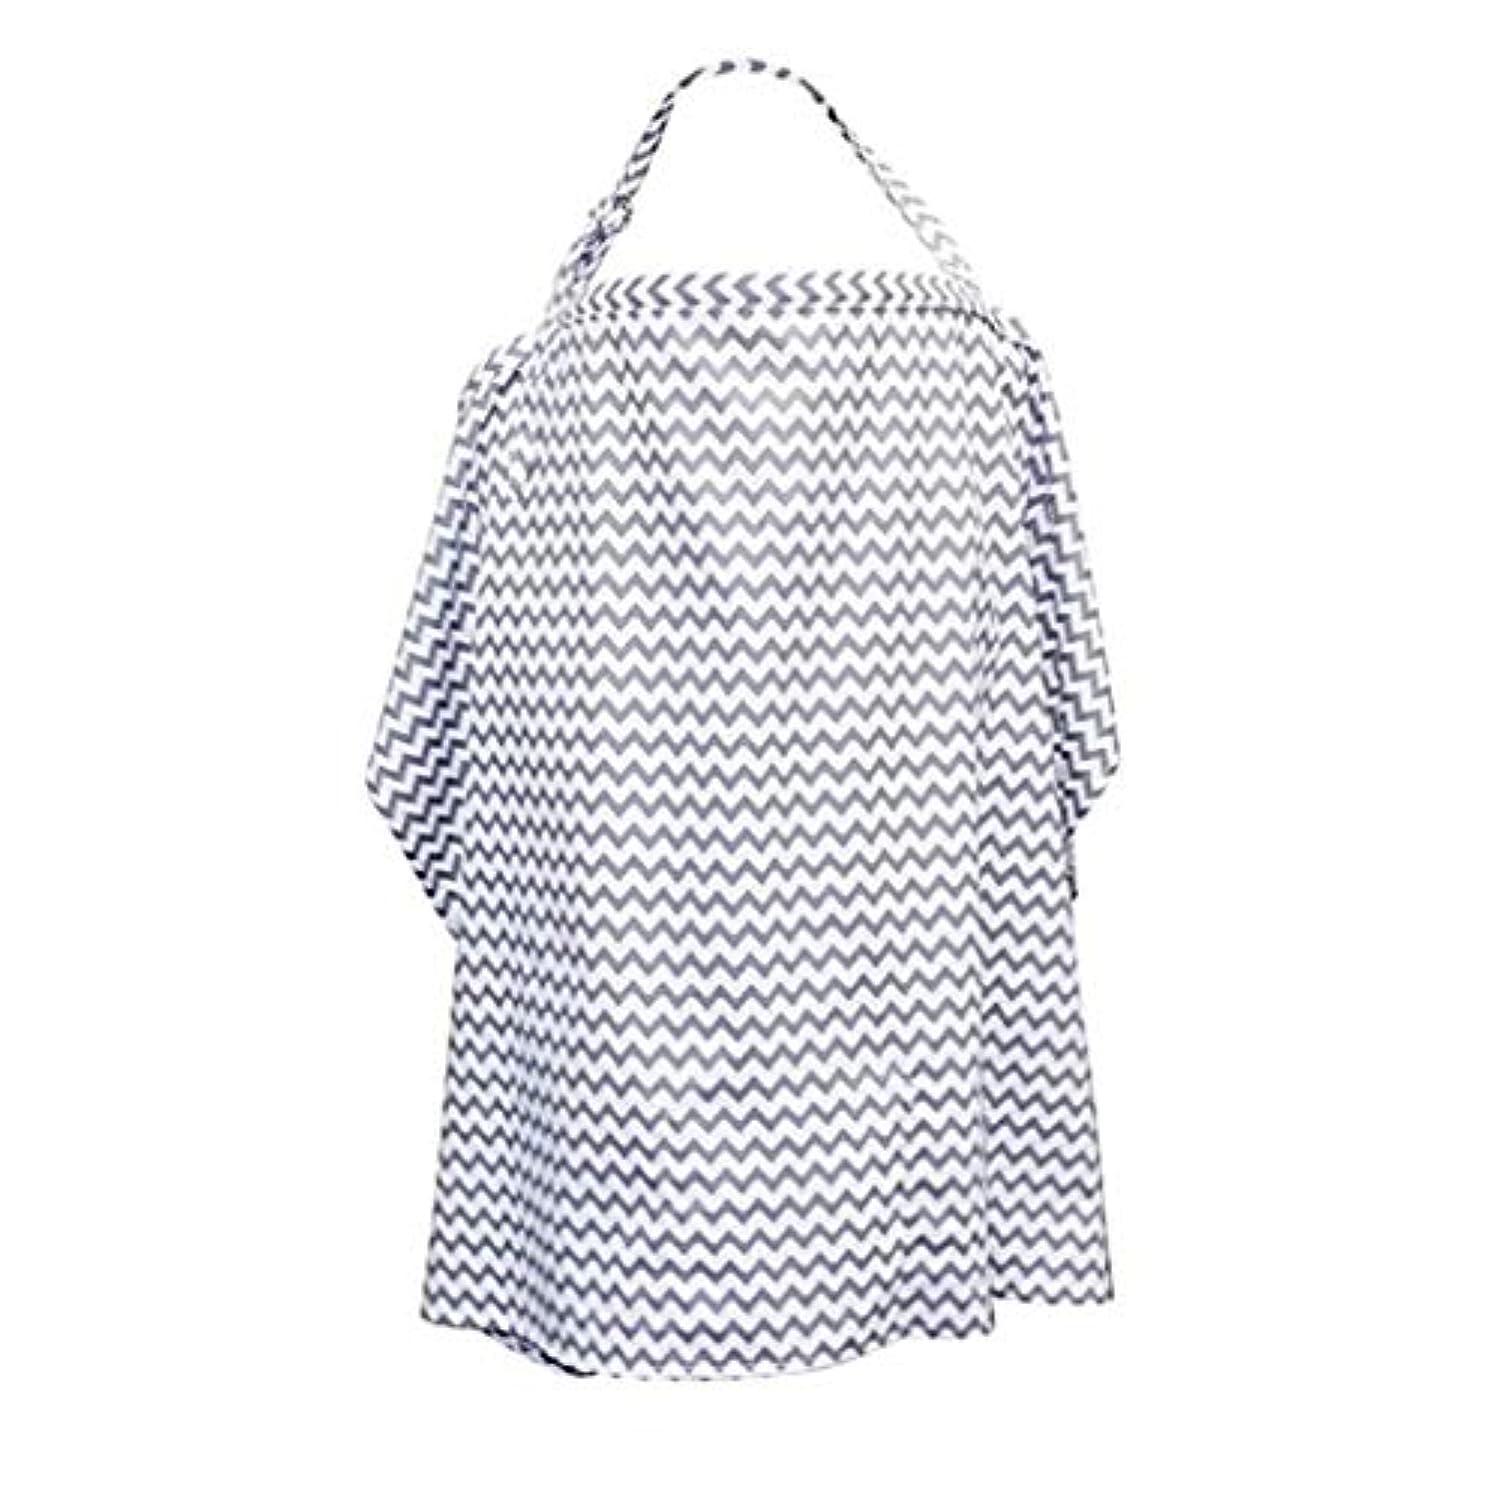 素晴らしい良い多くの初期のシャイ調節可能なストラップ付き母乳育児カバー - 100%プレミアムコットンベースの看護カバー - 屋外給餌赤ちゃん看護布 - 収納バッグ&タオルコーナー (グレー)